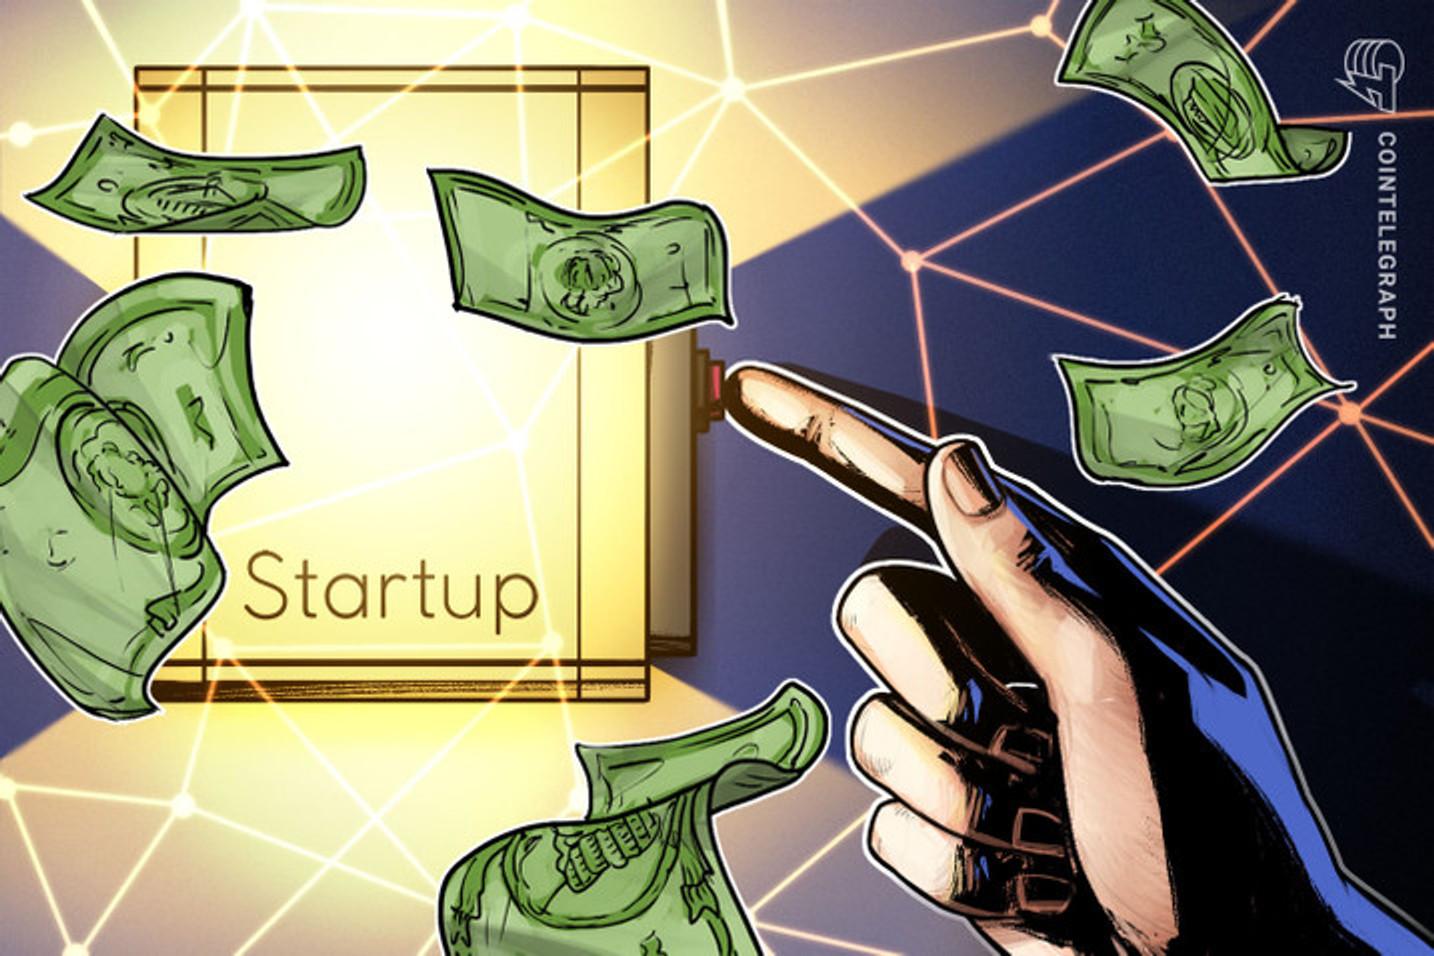 Brasileiro mais rico, Jorge Paulo Lemann questiona startups: 'cadê o lucro?'